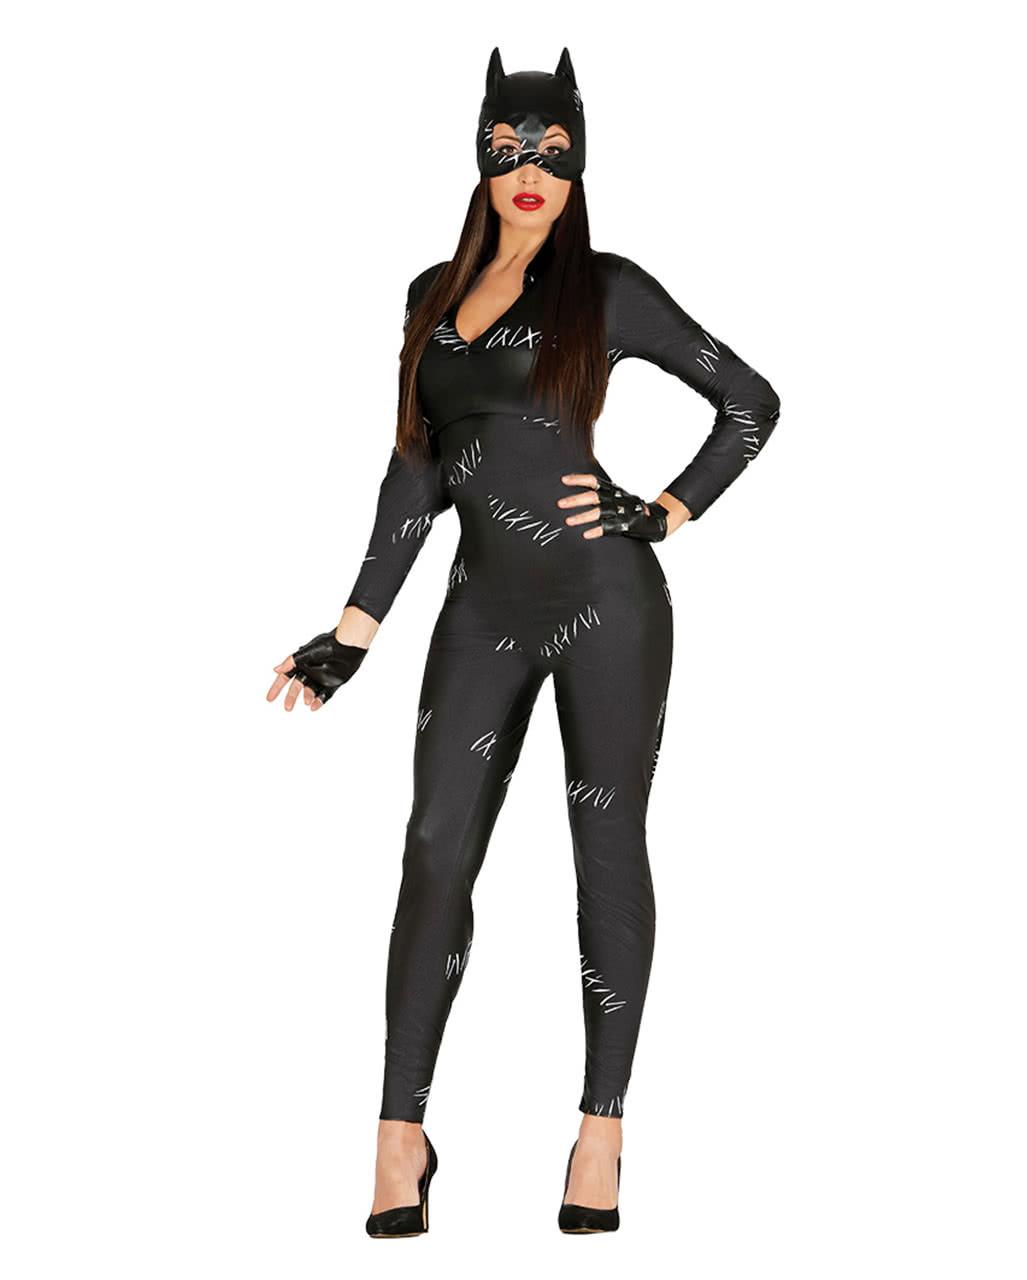 Simple 22 Simple Women Jumpsuit Outfit U2013 Playzoa.com